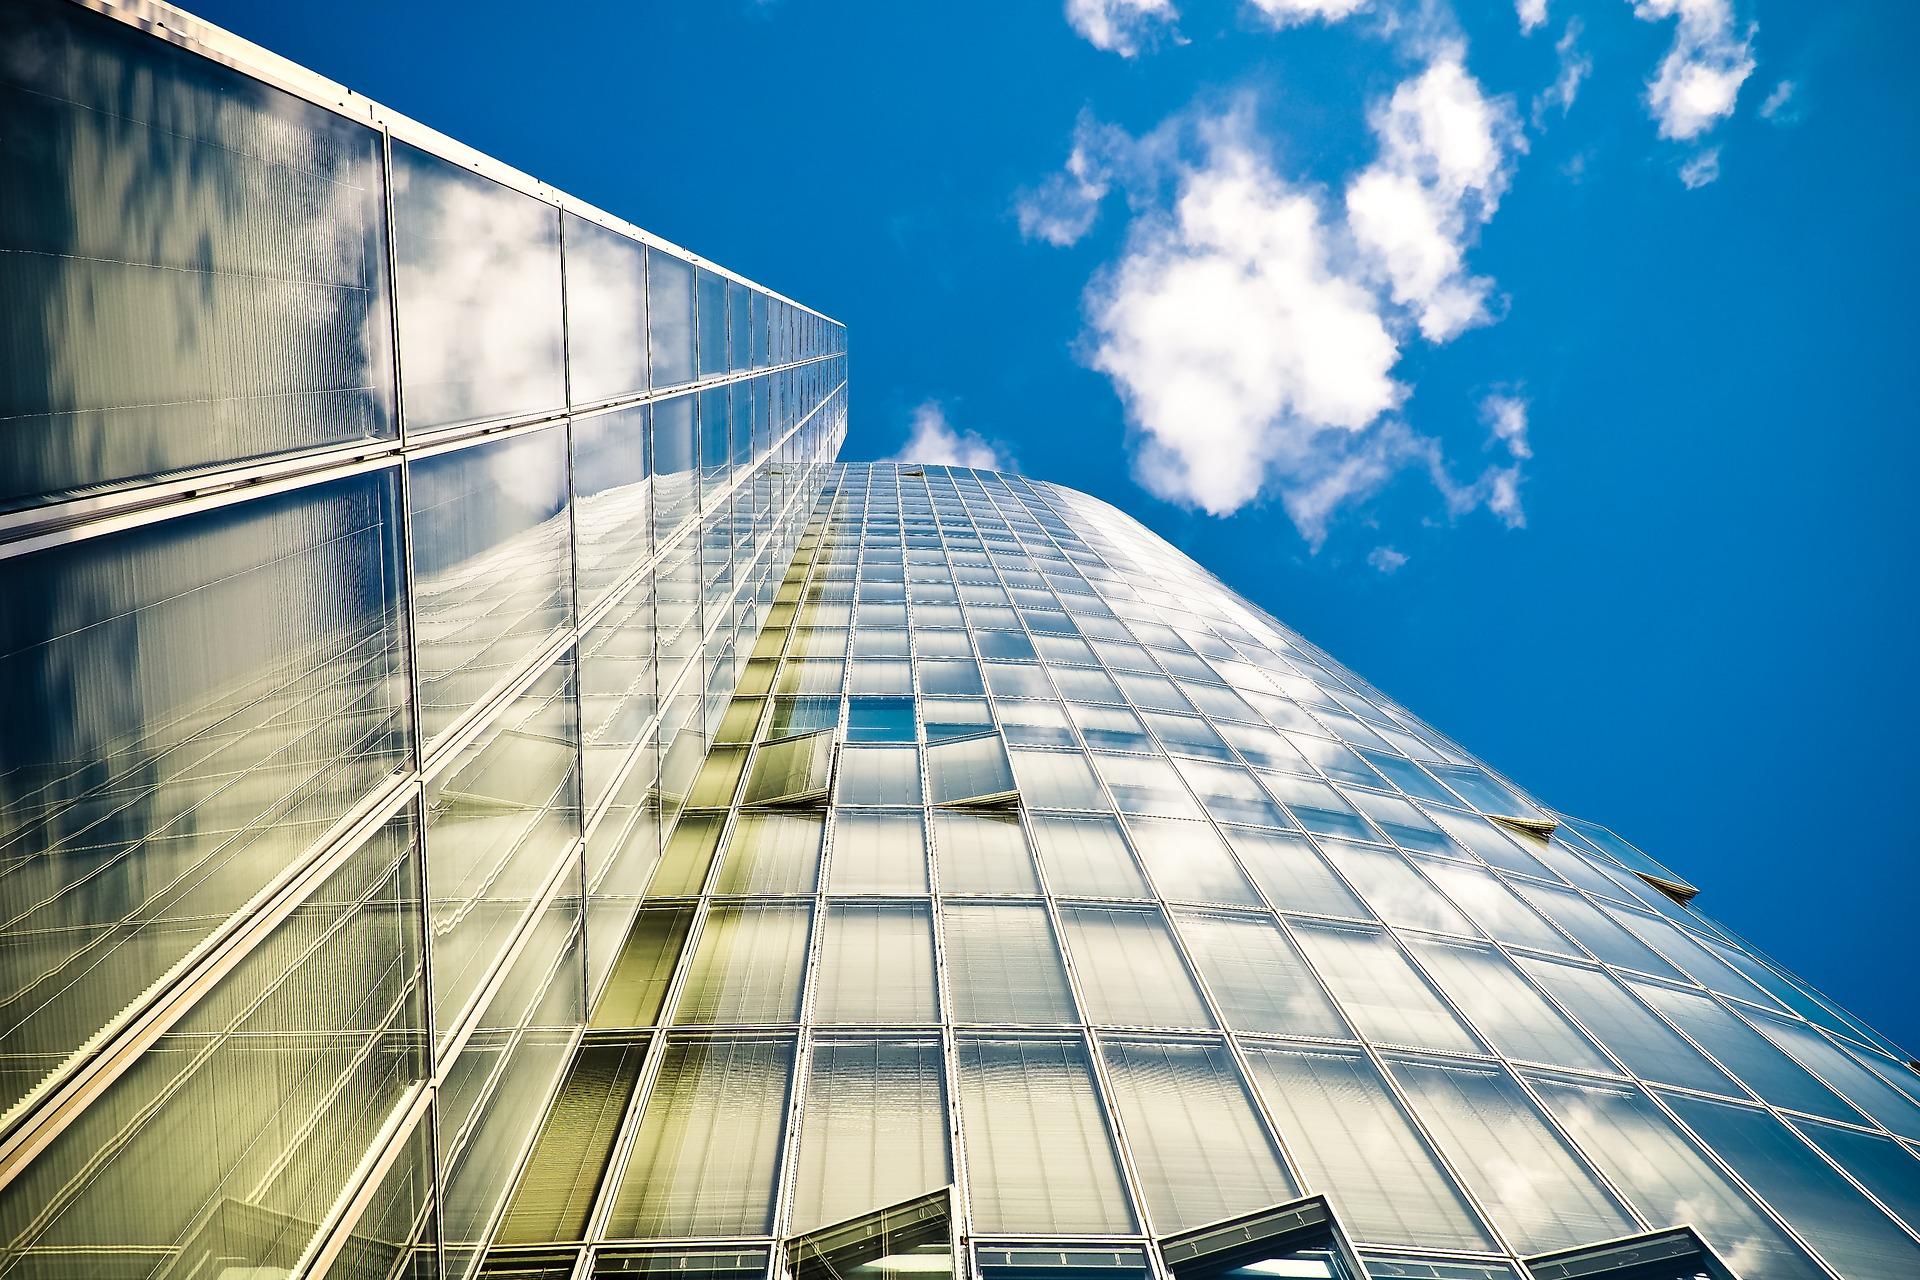 investitorii-imobiliari-se-uita-spre-noi-poli-de-dezvoltare-zonele-unirii-si-baneasa-intra-in-lumina-reflectoarelor-este-loc-pentru-noi-proiecte